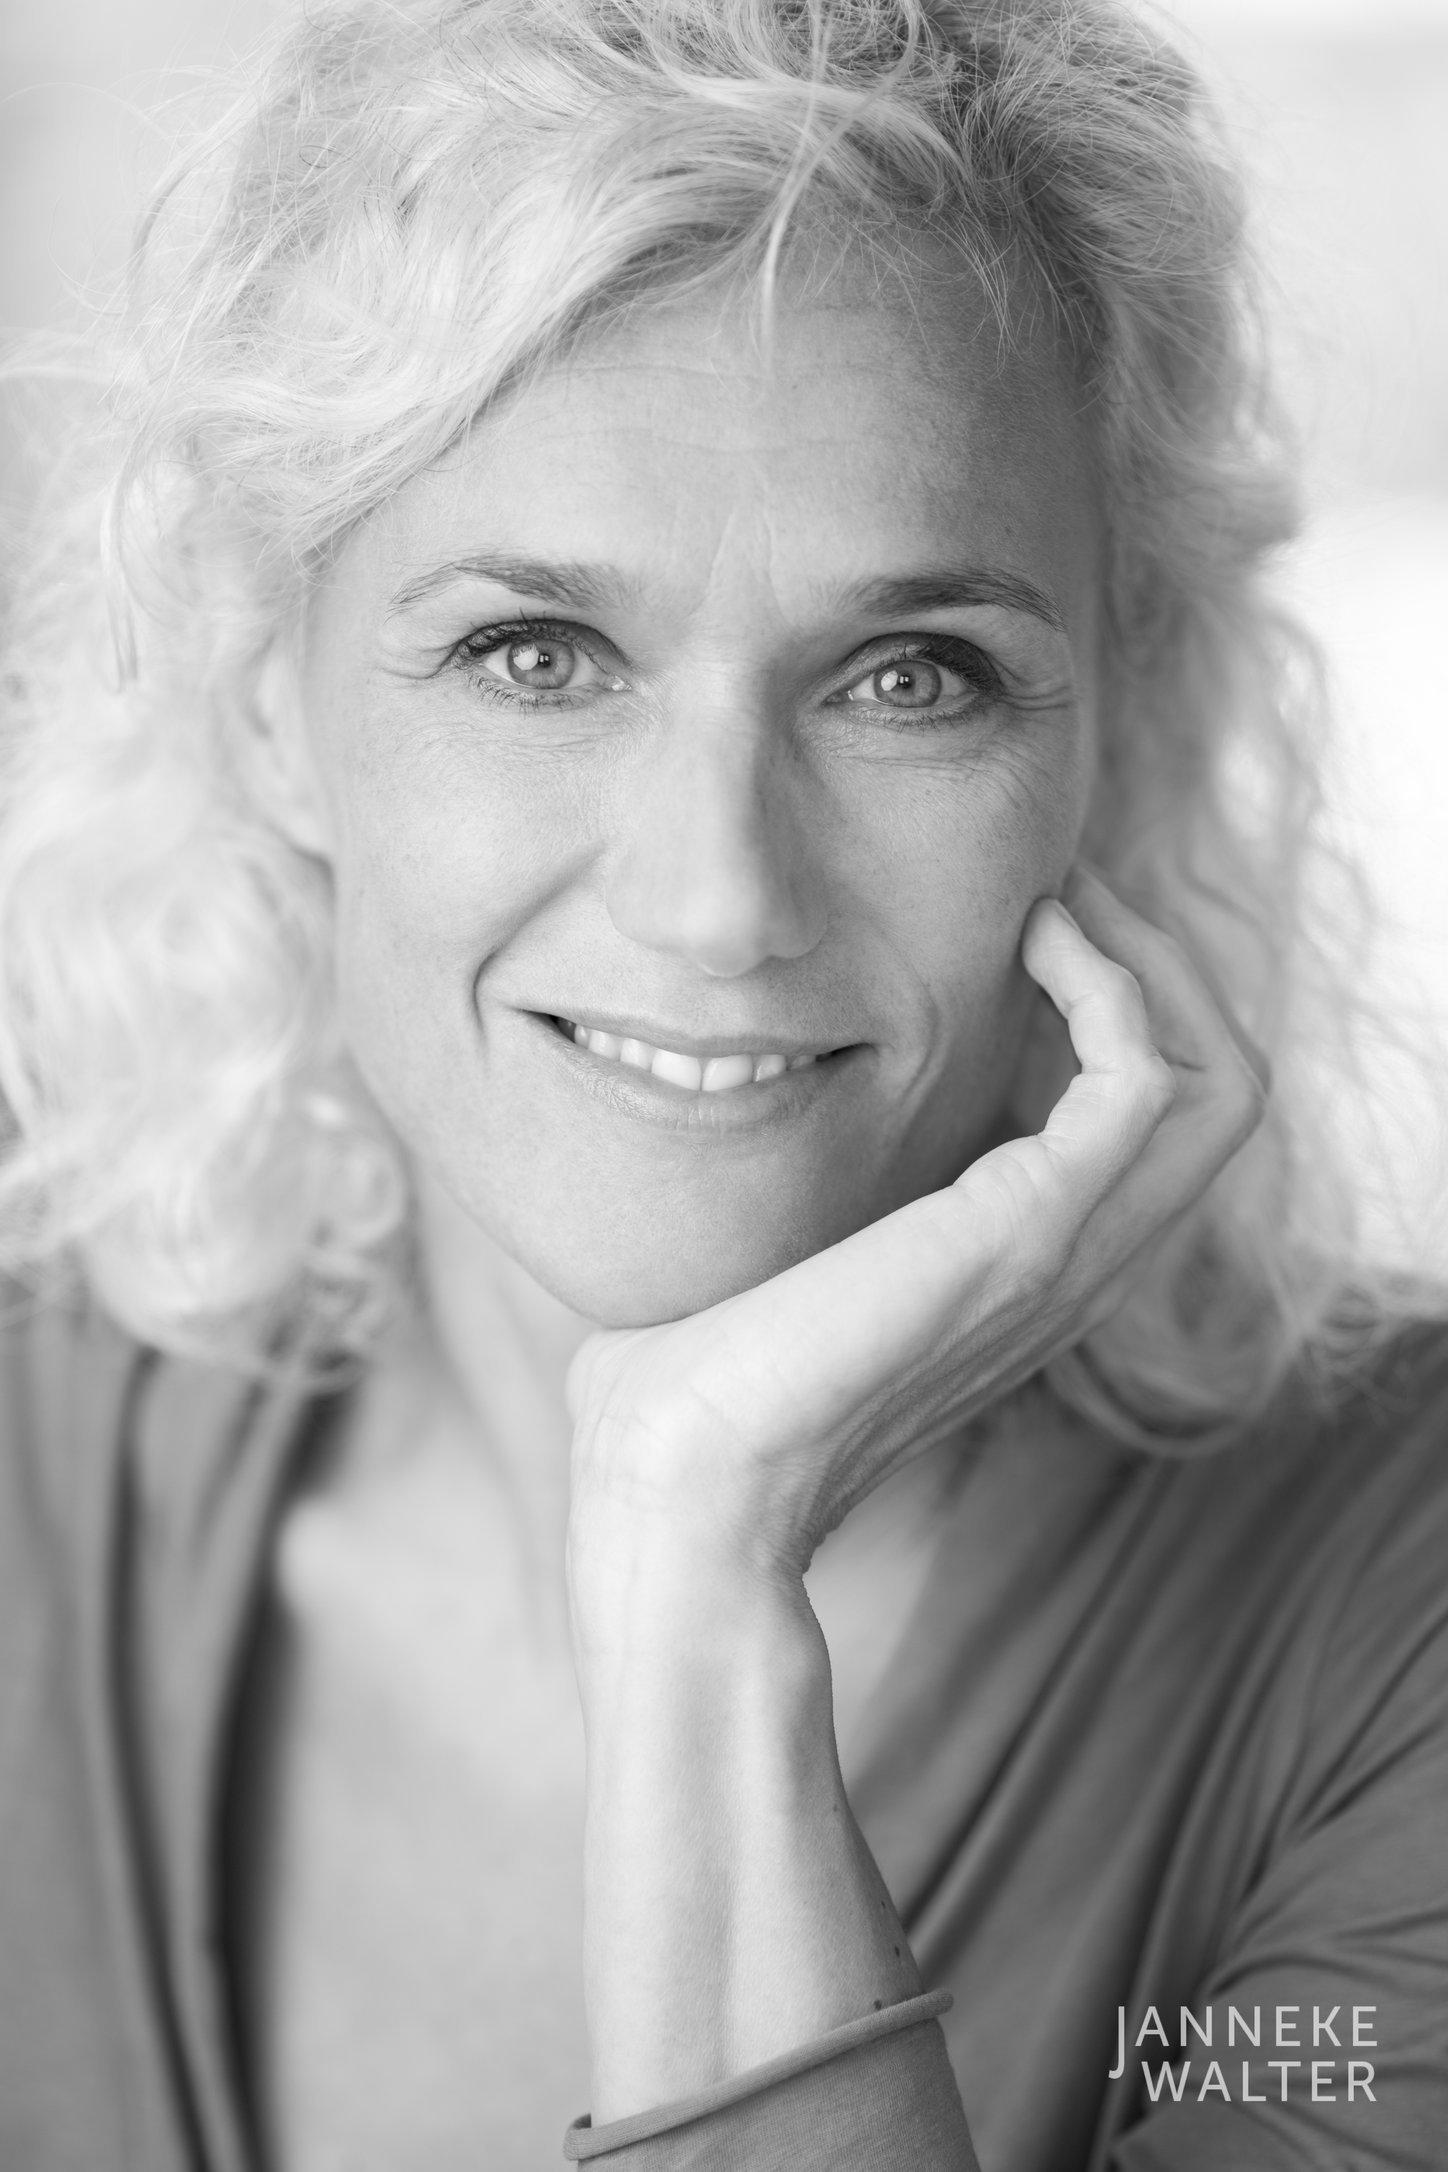 zakelijke portretfoto profielfoto vrouw 2 © Janneke Walter, portretfotograaf Utrecht, De Bilt, portretfotografie, sociale media, LinkedIn, CV